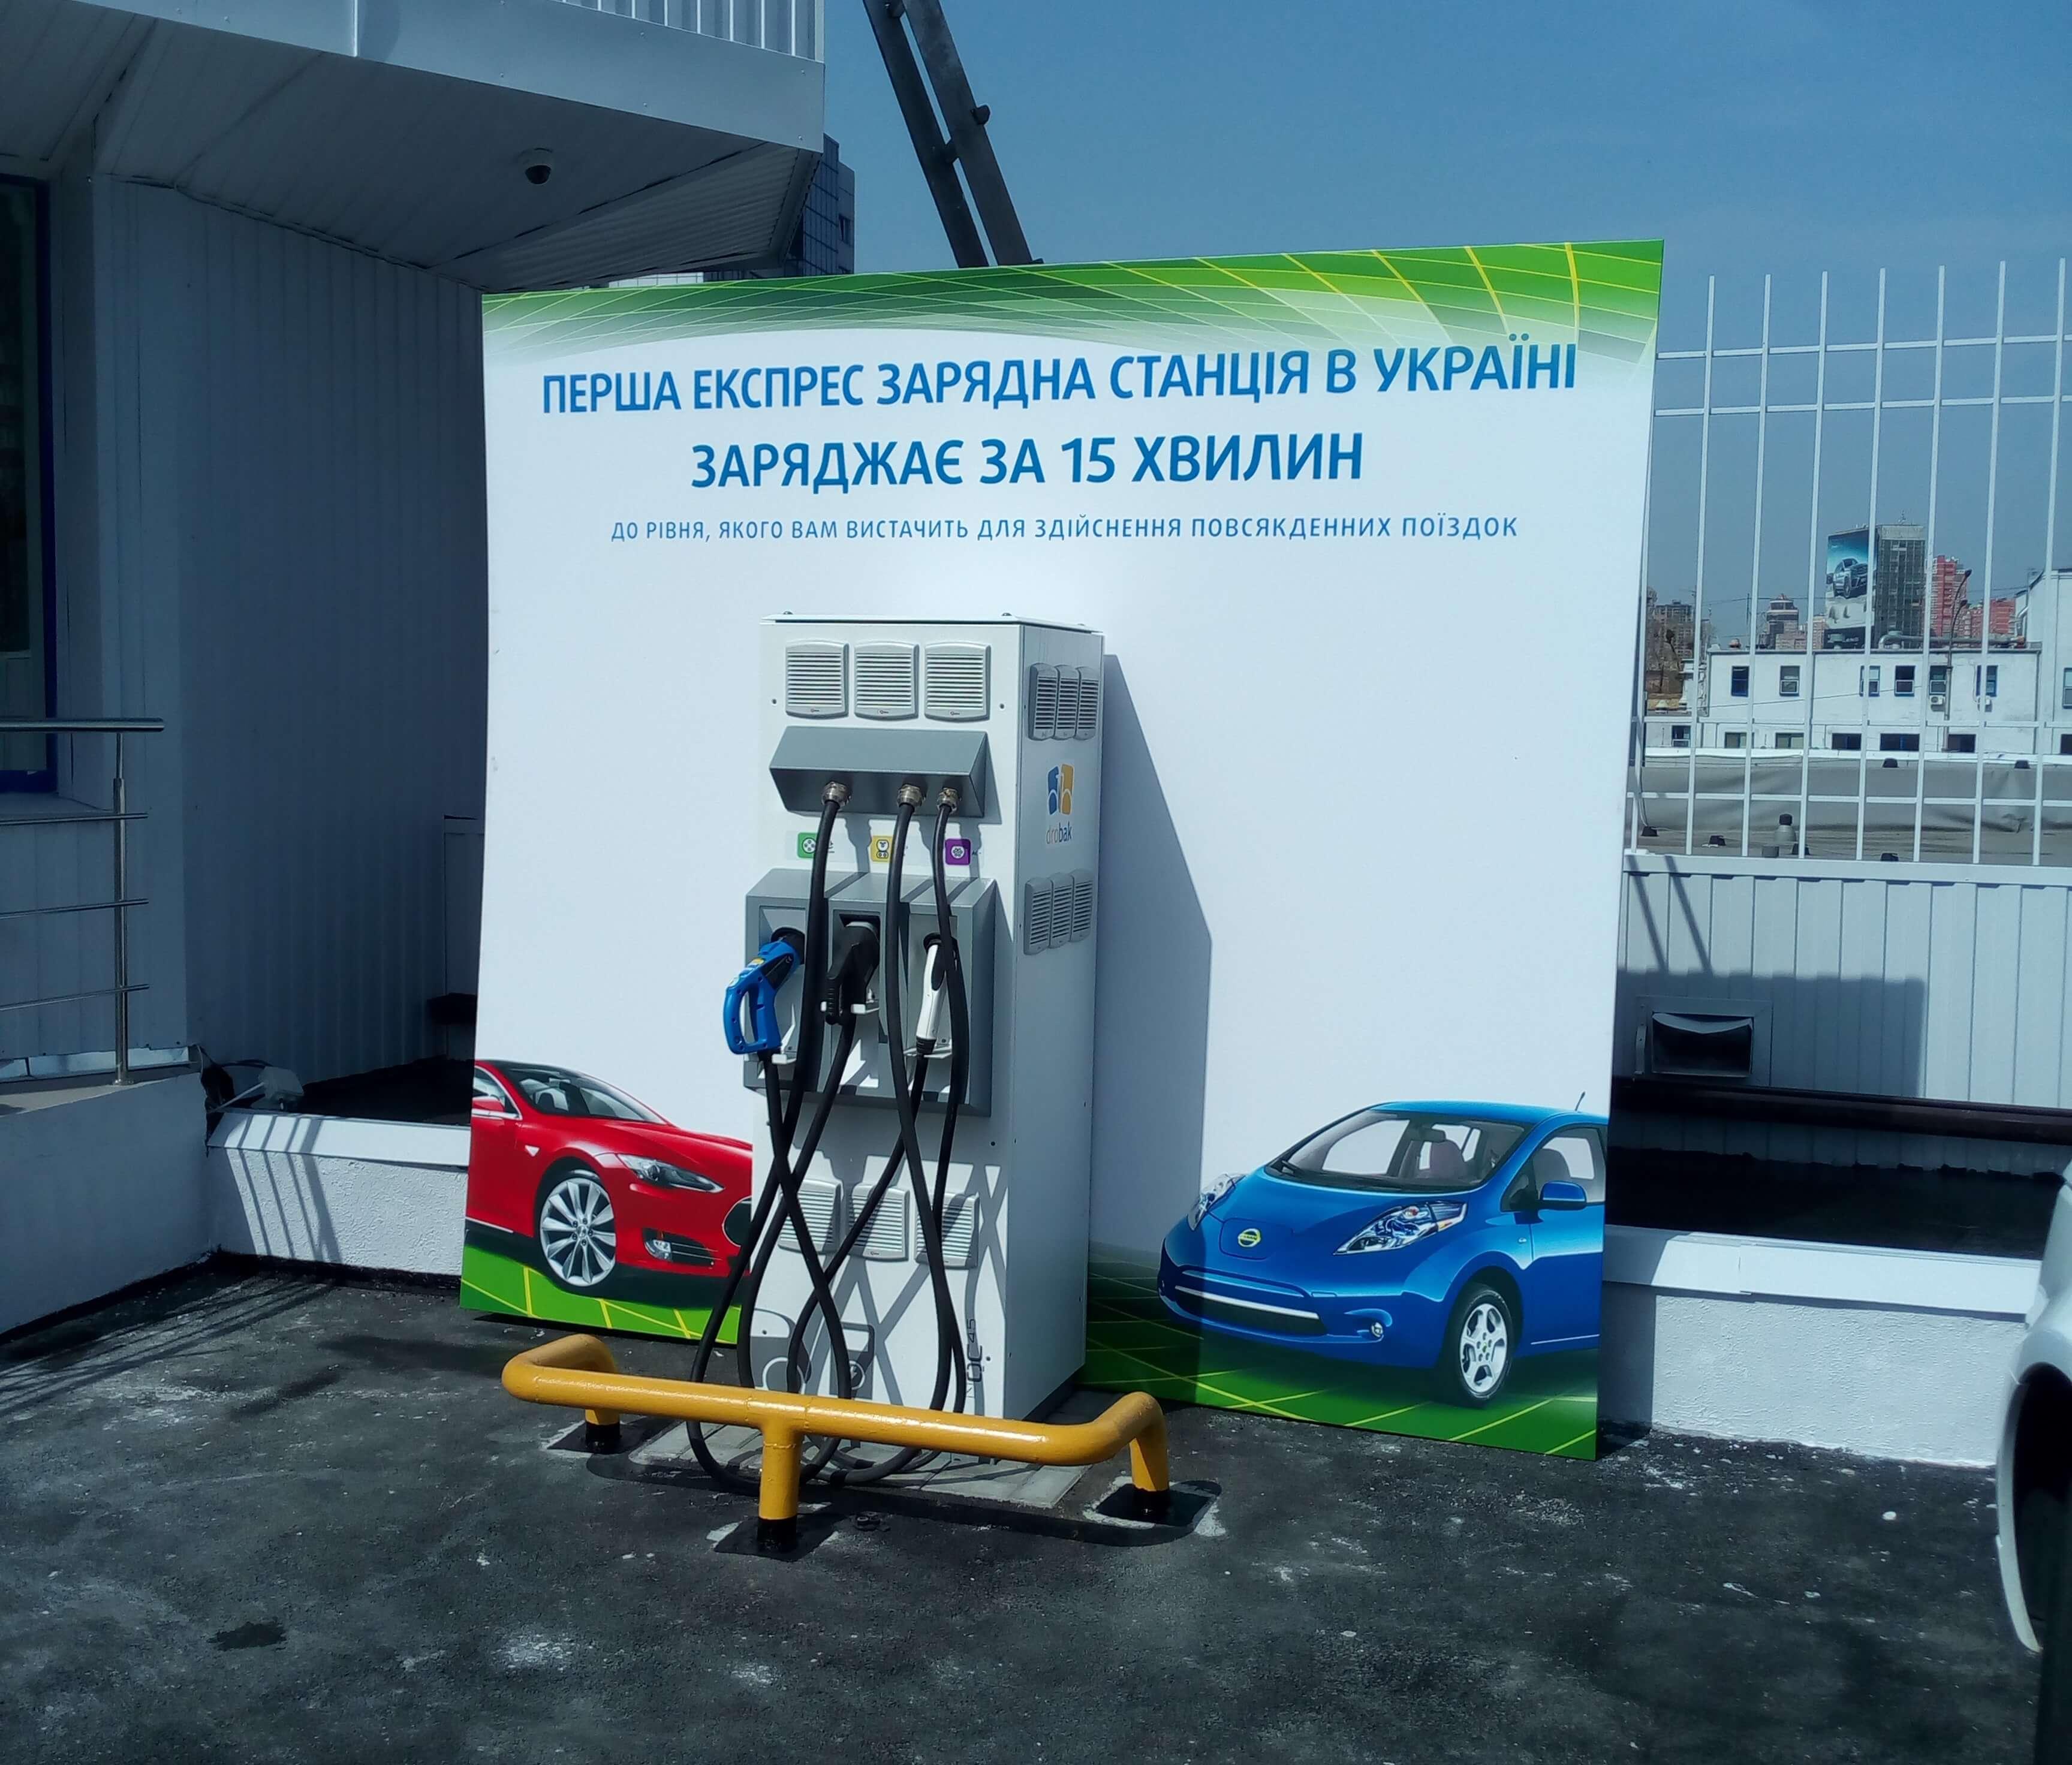 В Украине появилась первая экспресс-зарядка для электрокаров 1